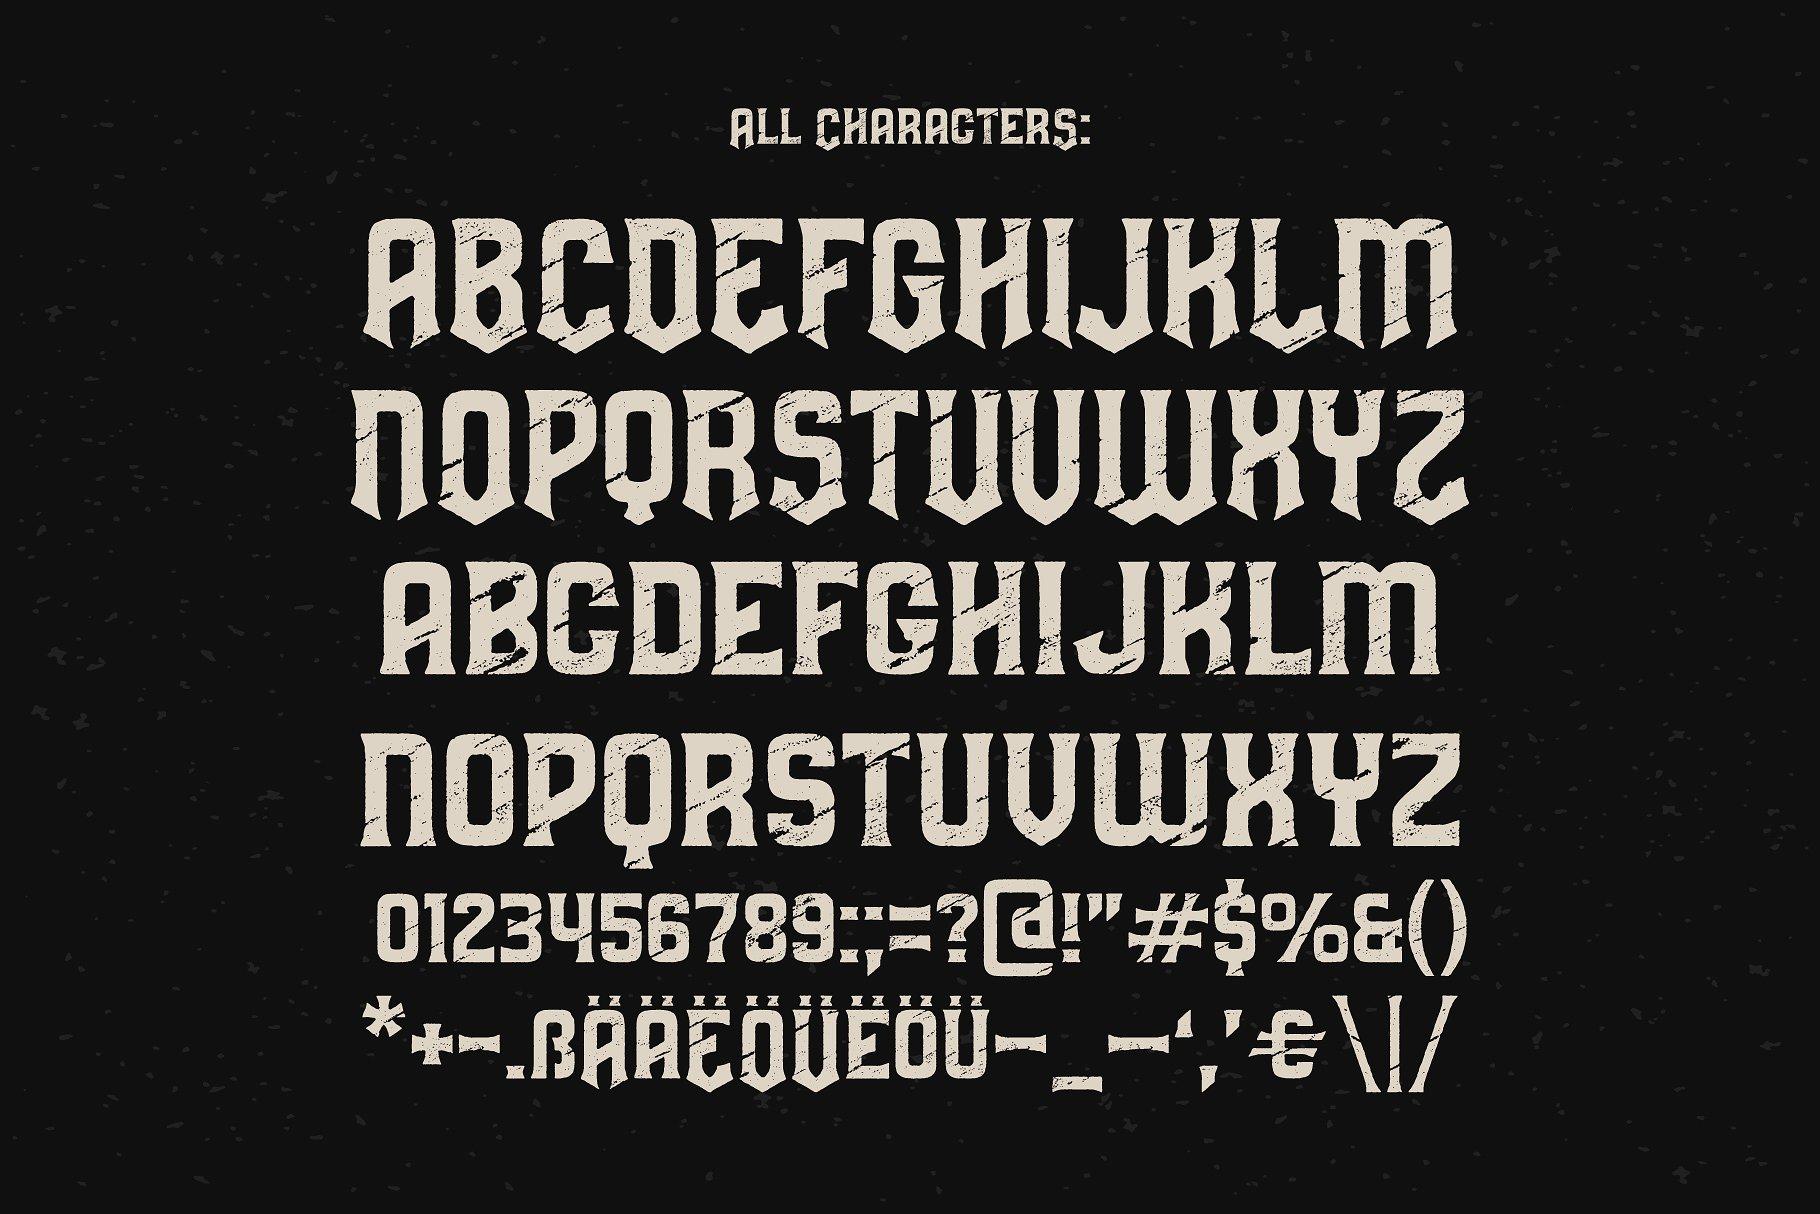 复古字体设计 Predators Cuspid font设计素材模板